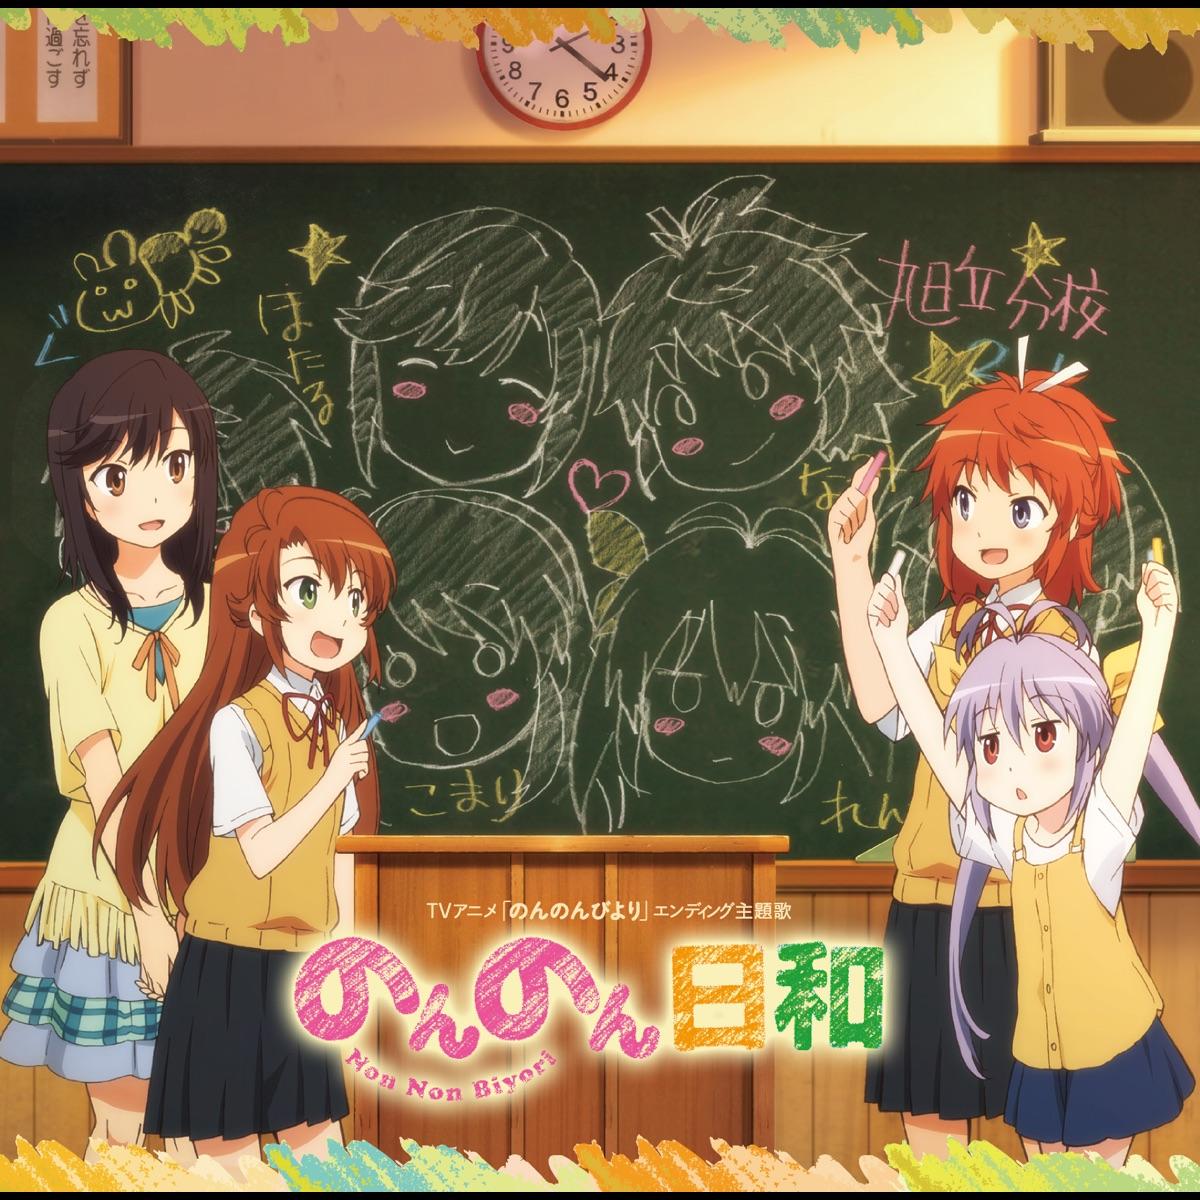 Cover for『Renge Miyauchi (Kotori Koiwai), Hotaru Ichijo (Rie Murakawa), Natsumi Koshigaya (Ayane Sakura), Komari Koshigaya (Kana Asumi) - Non Non Biyori』from the release『のんのん日和 』